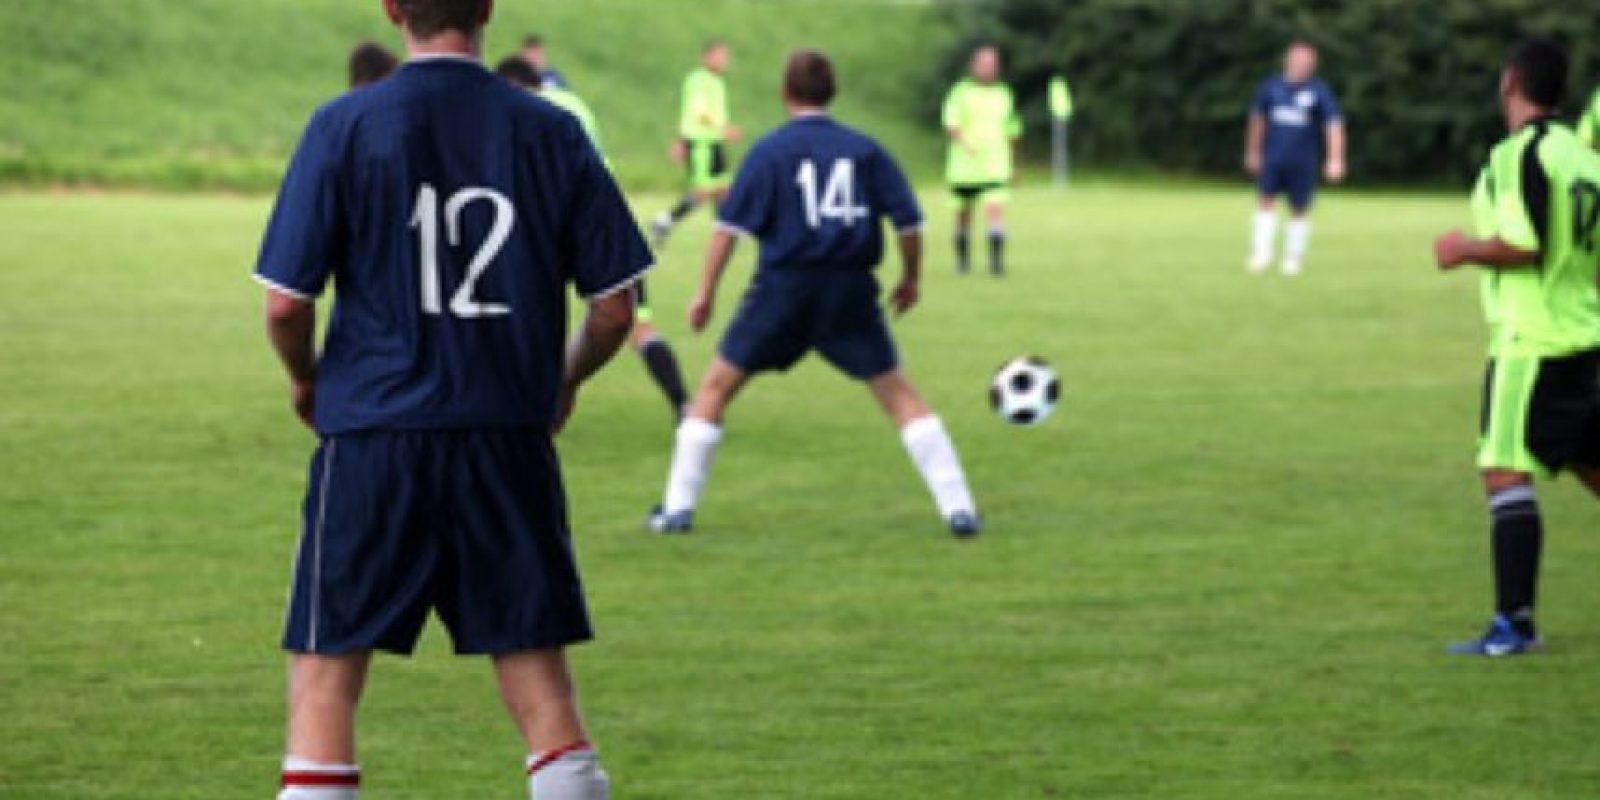 Al final fueron humillados 20-0 Foto:http://asmg.footeo.com